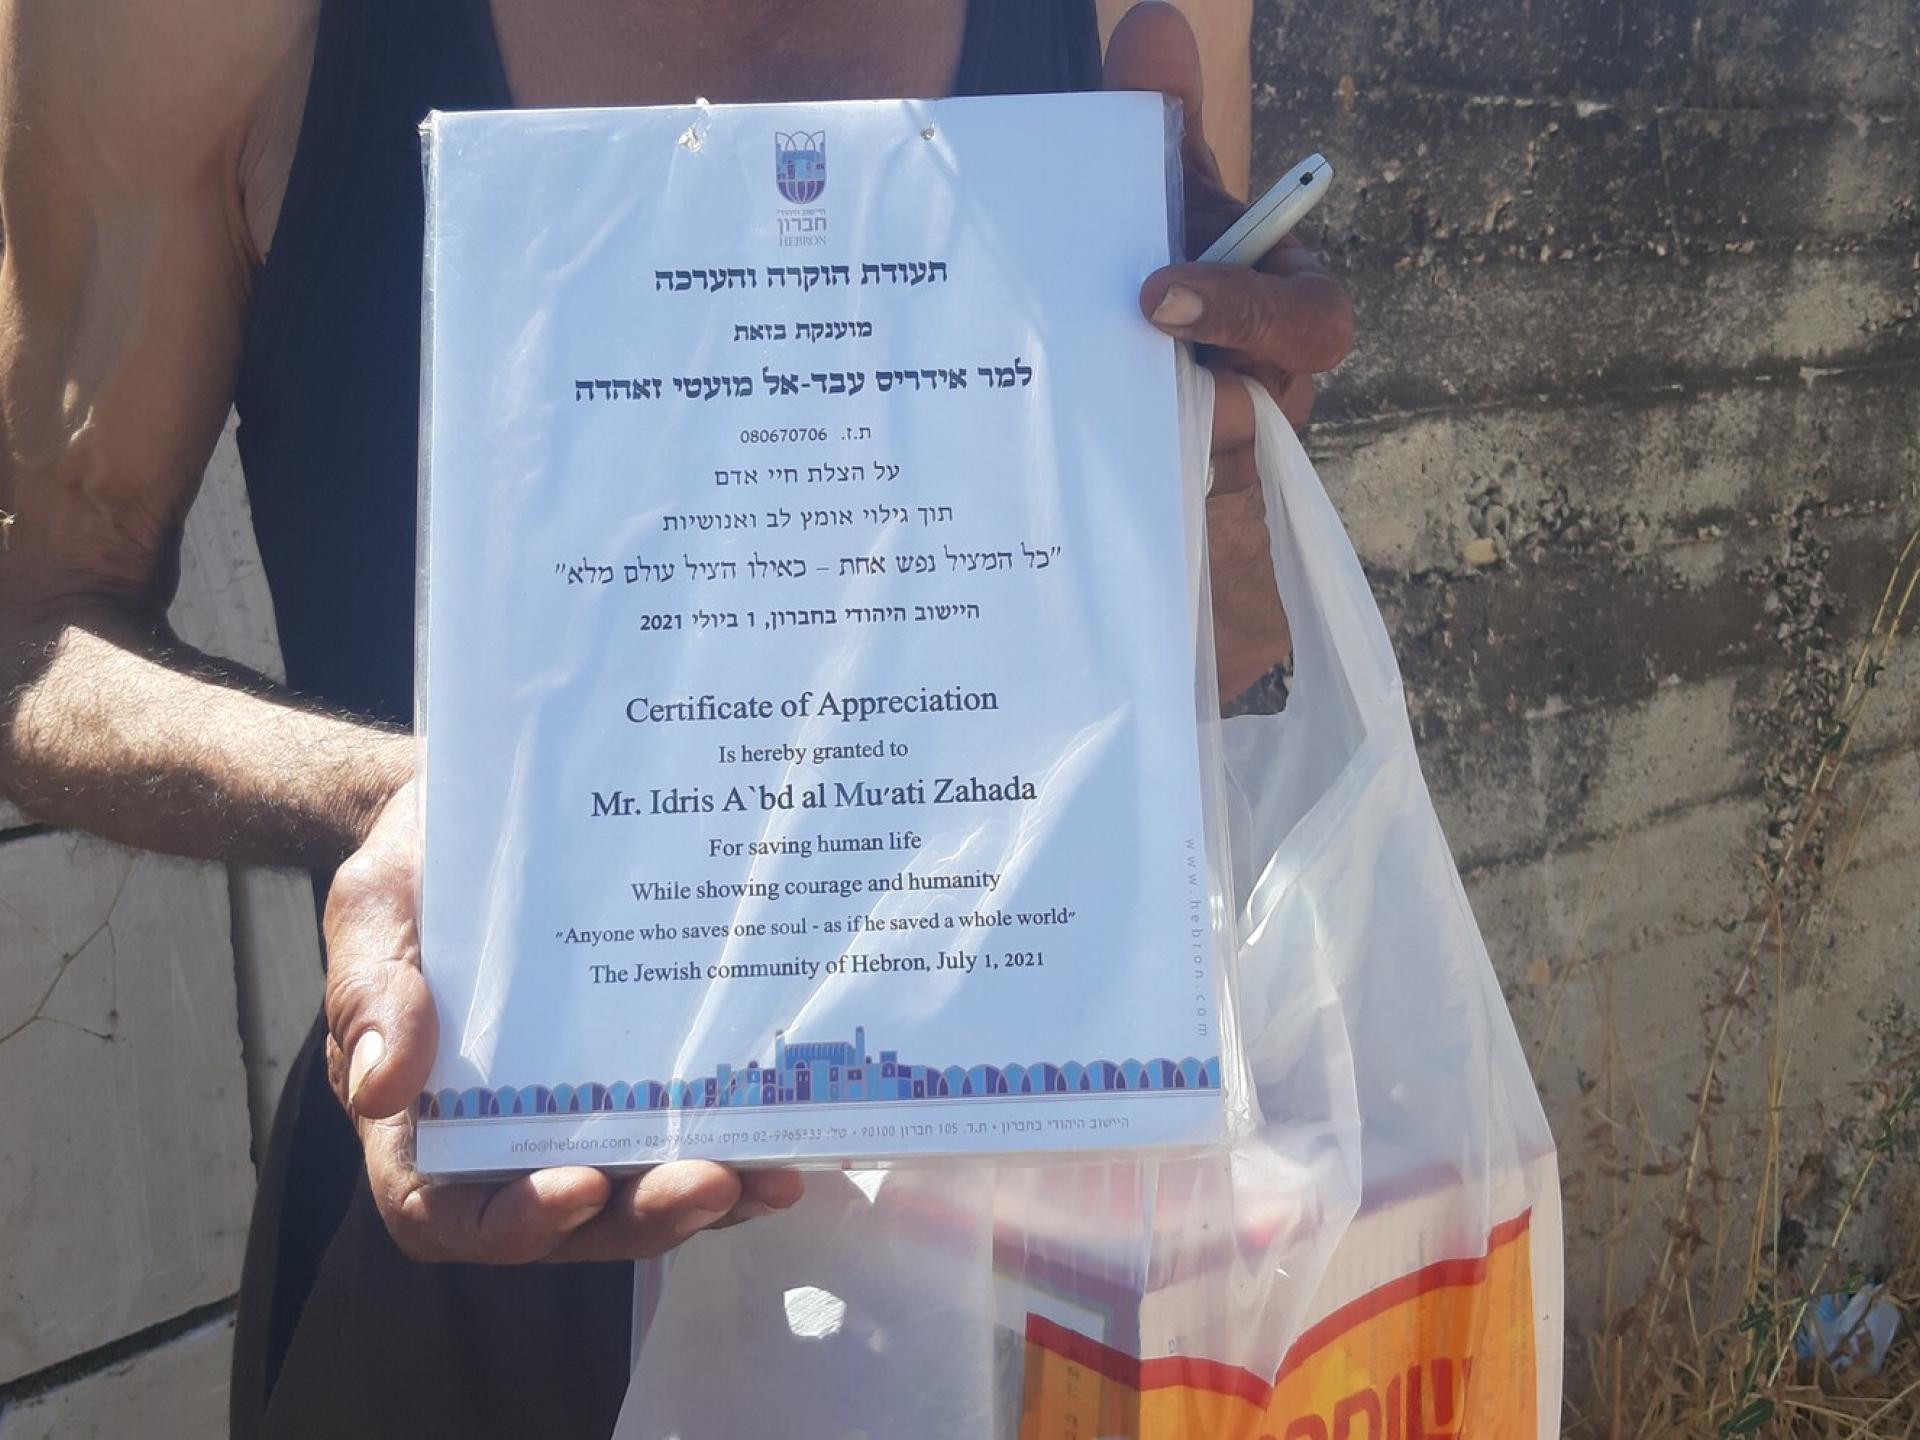 התעודה שאידריס קיבל מהיישוב היהודי בחברון